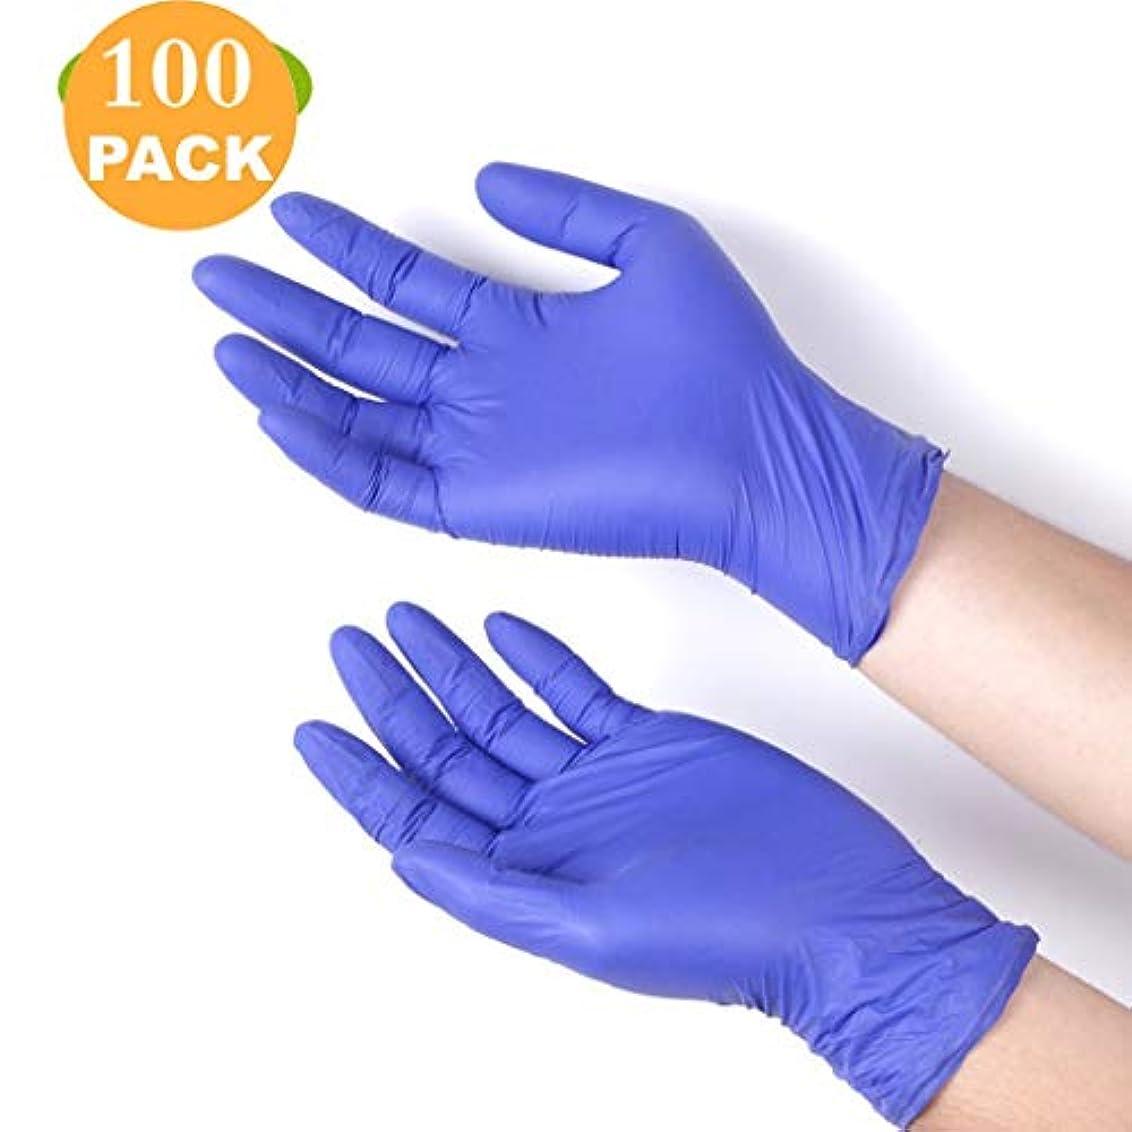 尊厳イーウェルジョリーニトリル手袋 - 5ミル、厚み付け、工業用、使い捨てのクリーニング手袋、100のパッケージ (Color : Blue, Size : S)